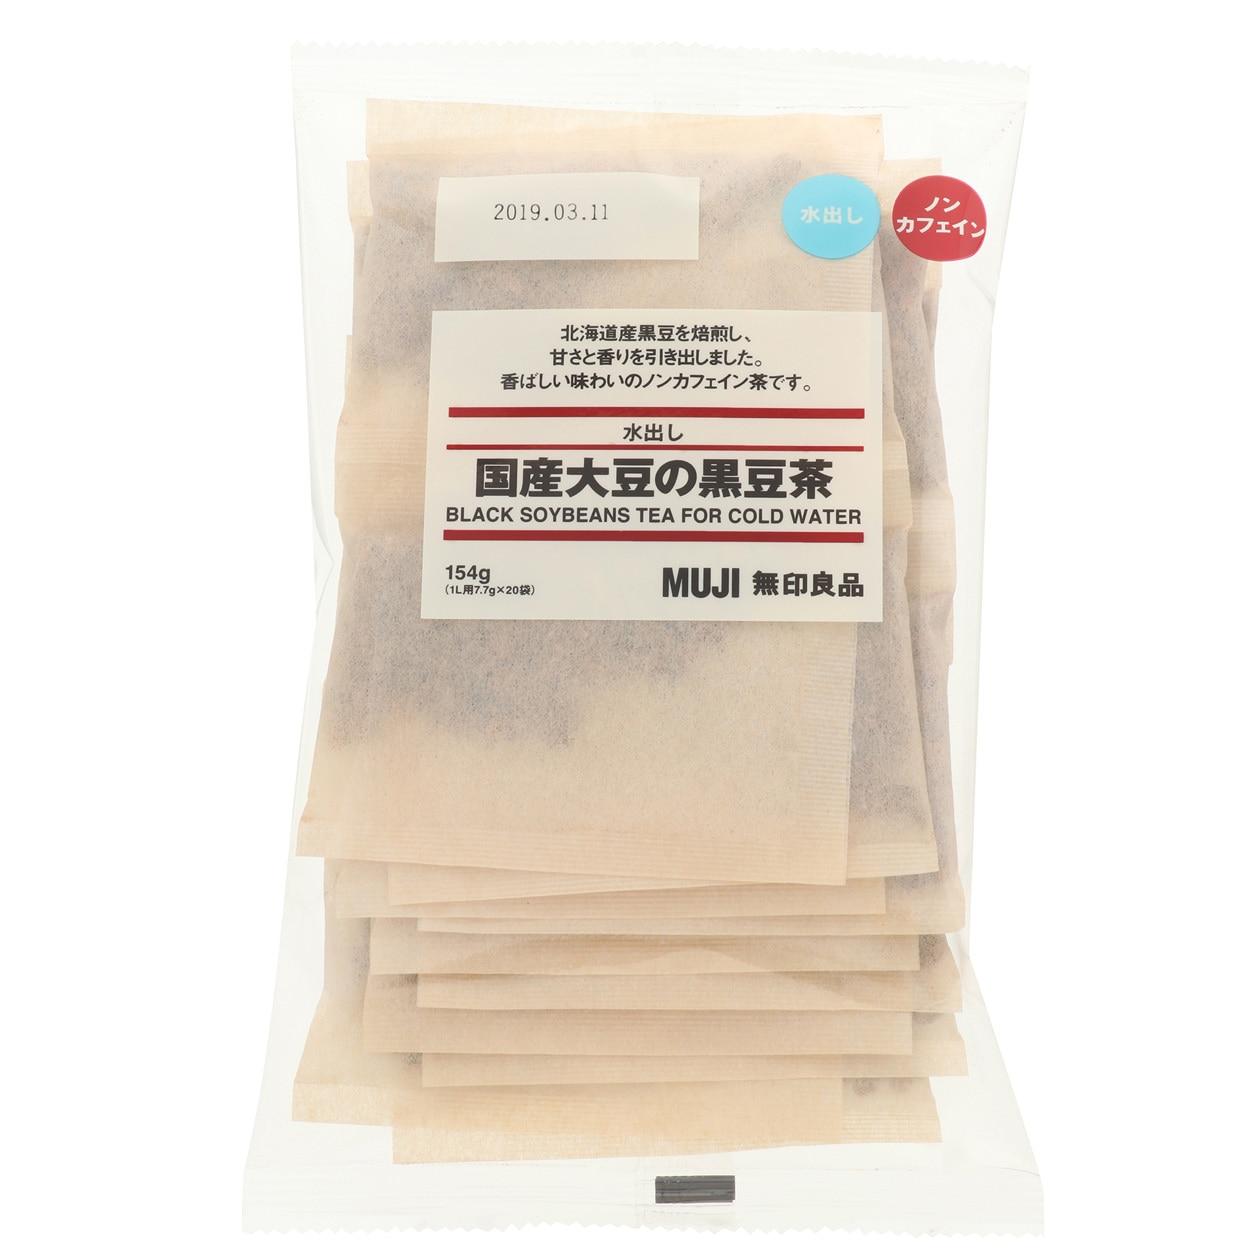 水出し 国産大豆の黒豆茶